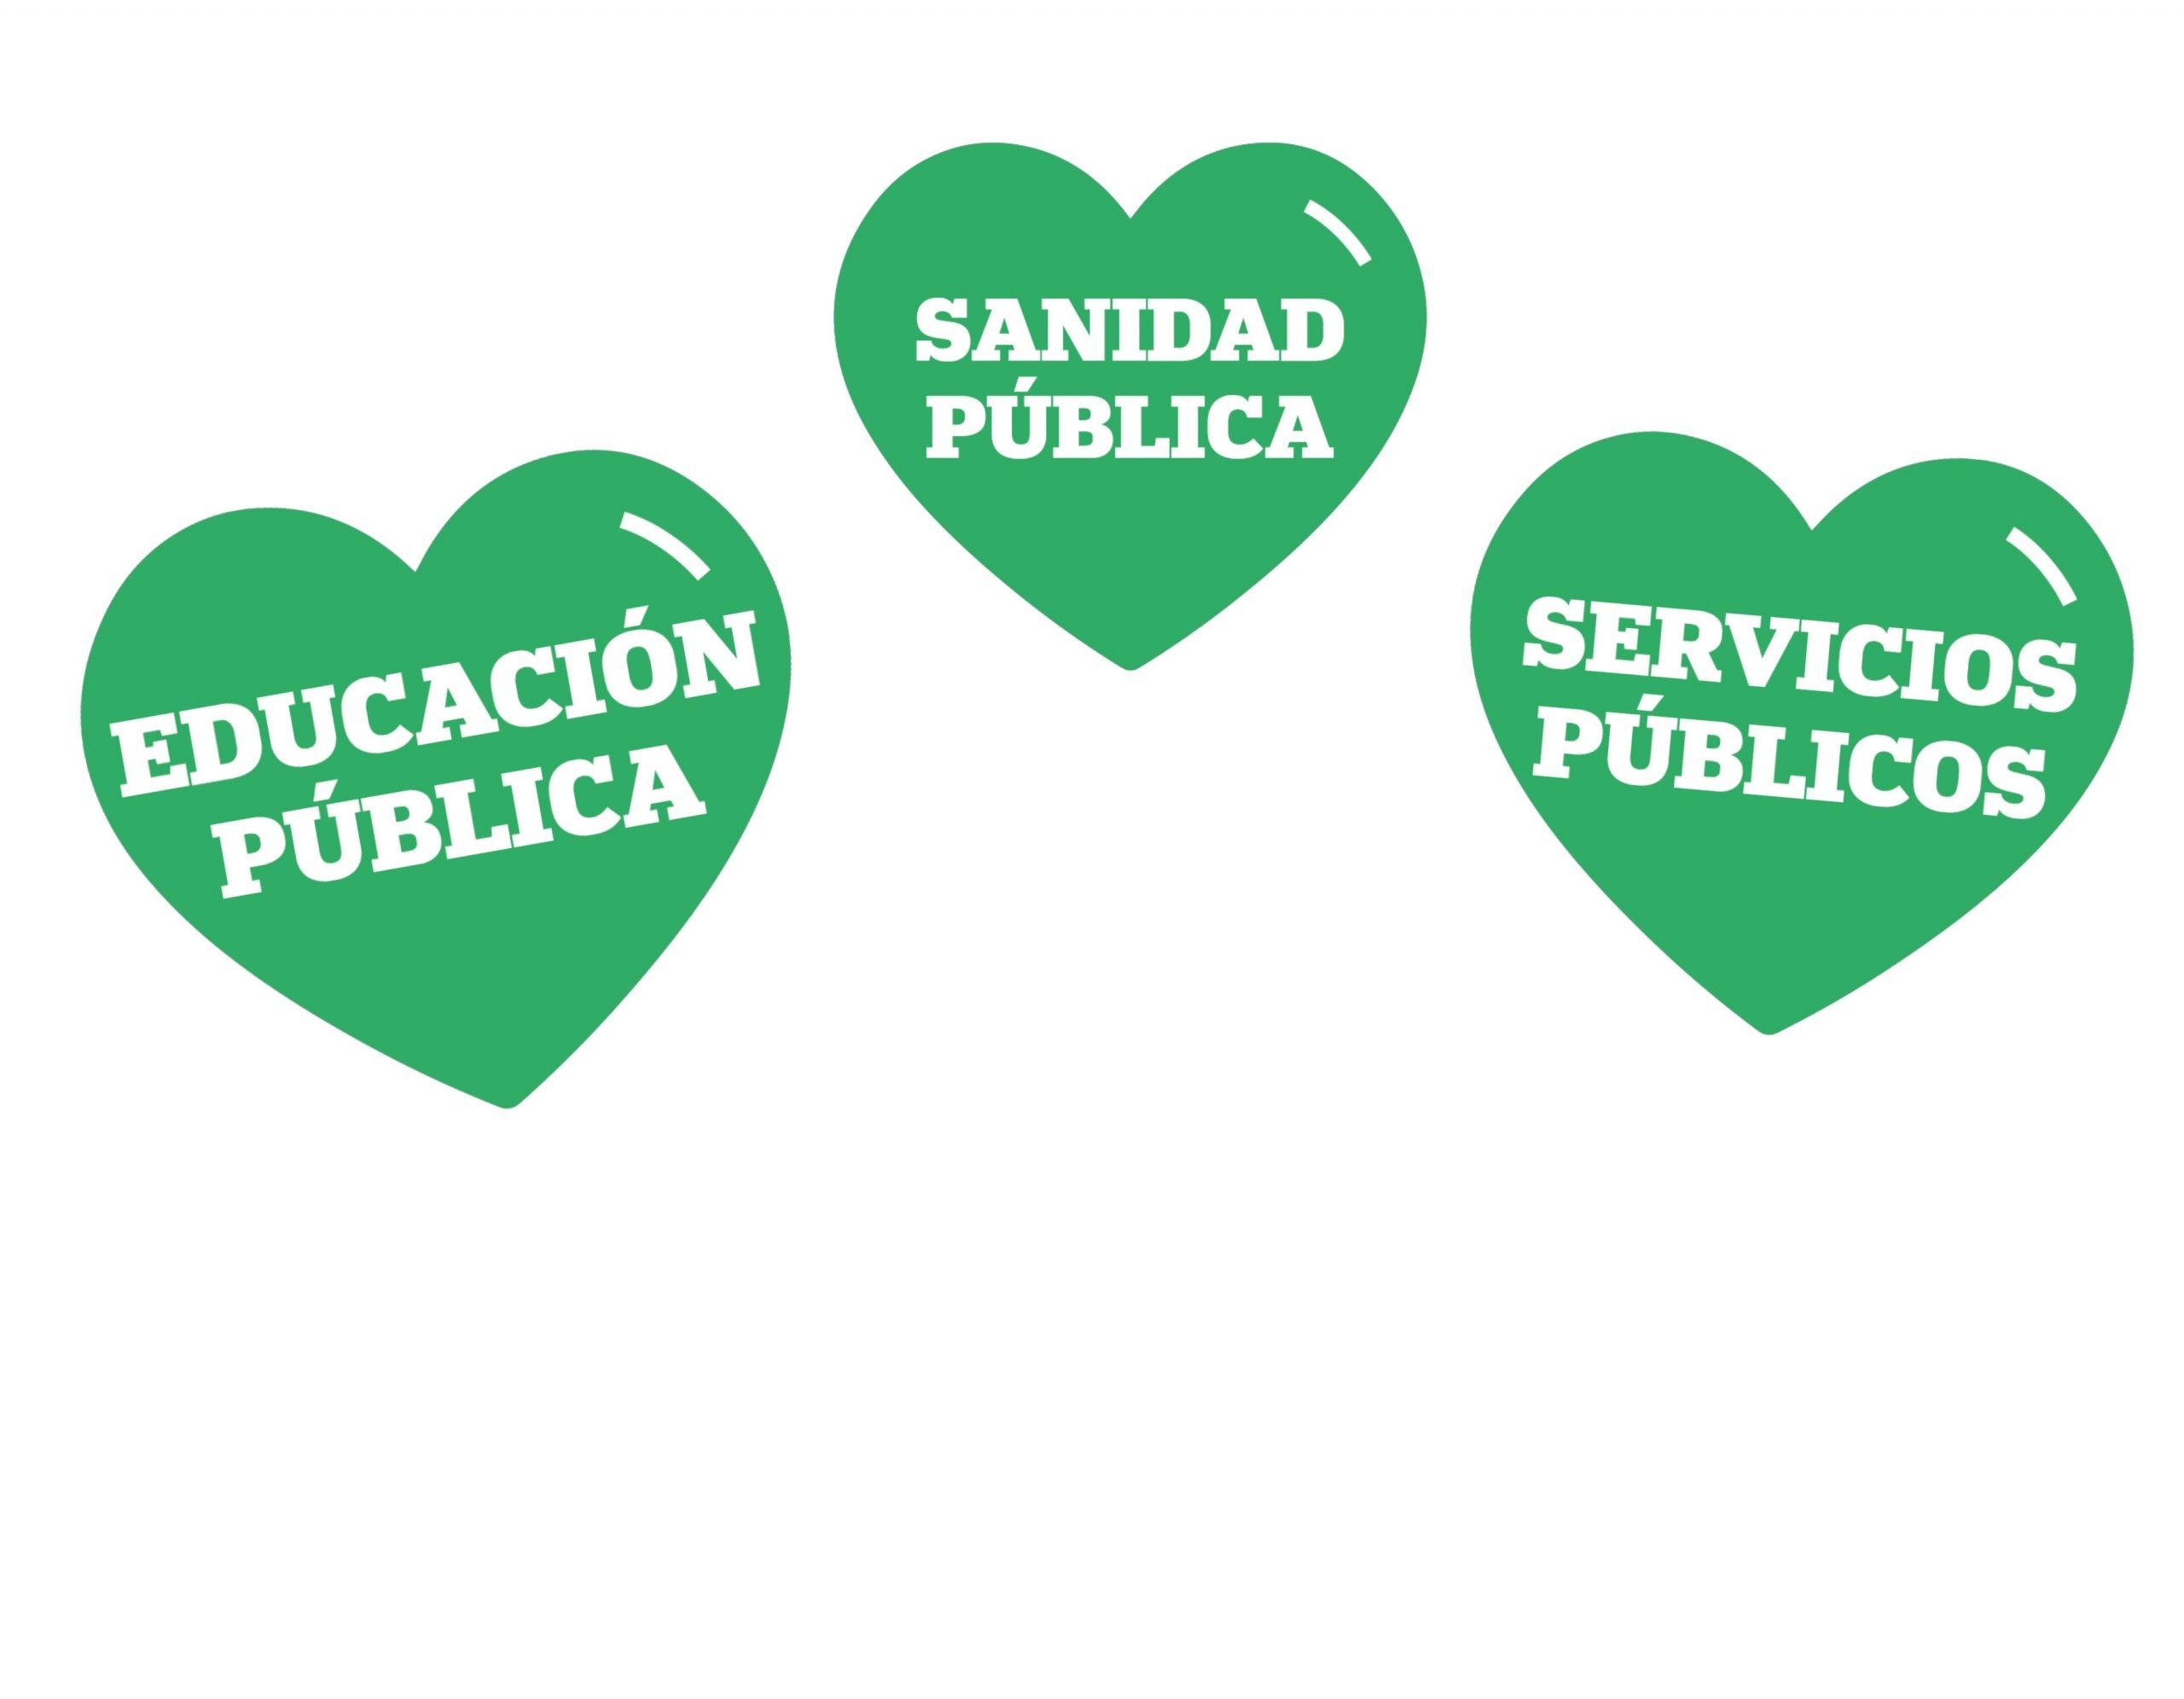 Pinto un corazón verde, una campaña ciudadana para reforzar la sanidad pública en España